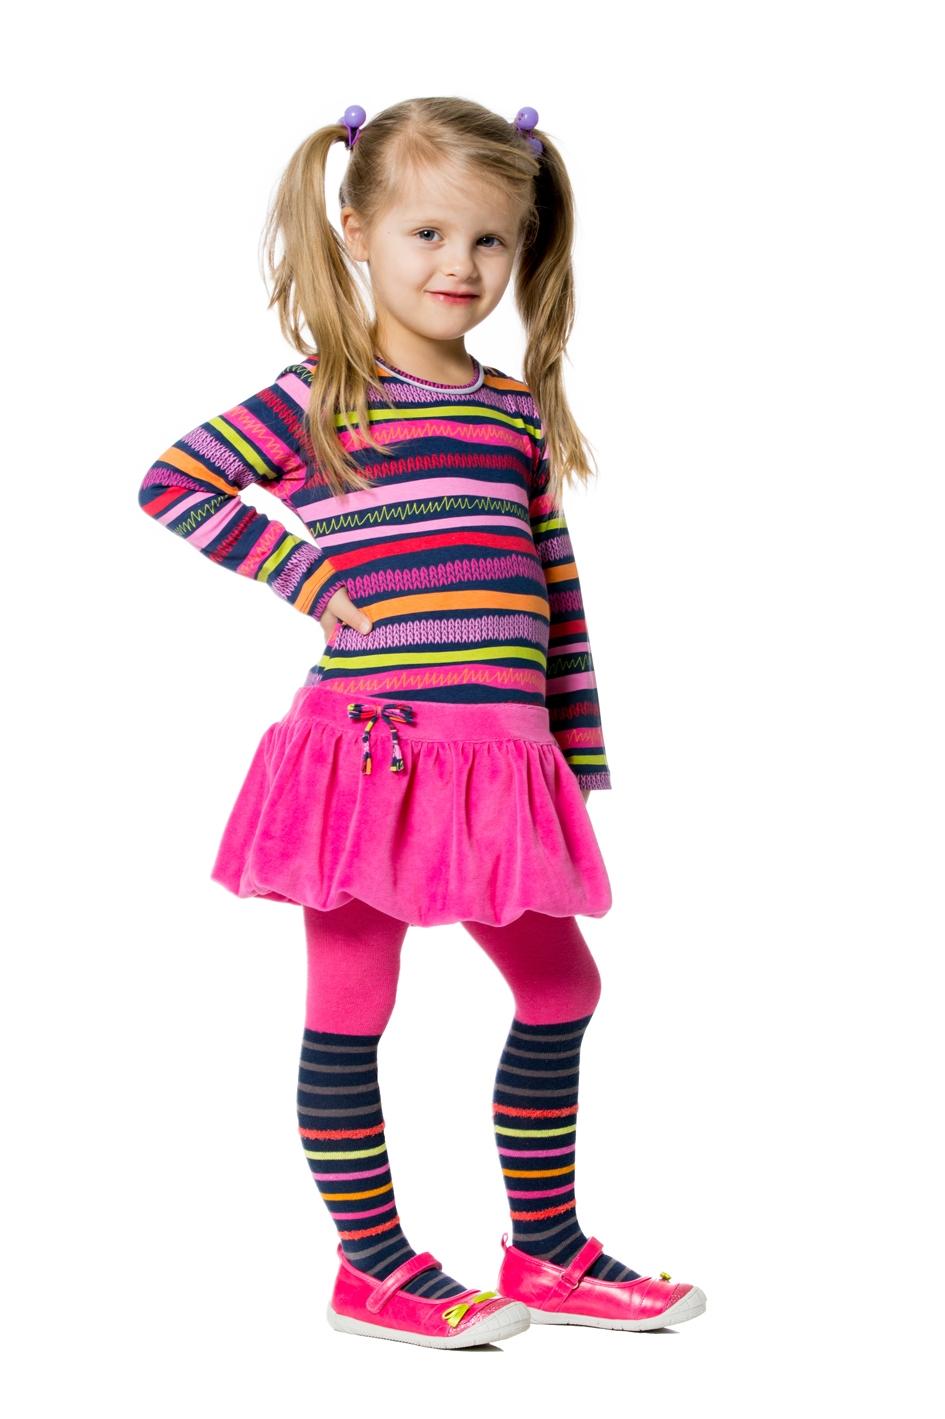 صورة فساتين اطفال شتوى , ملابس شتويه للاطفال 4535 8